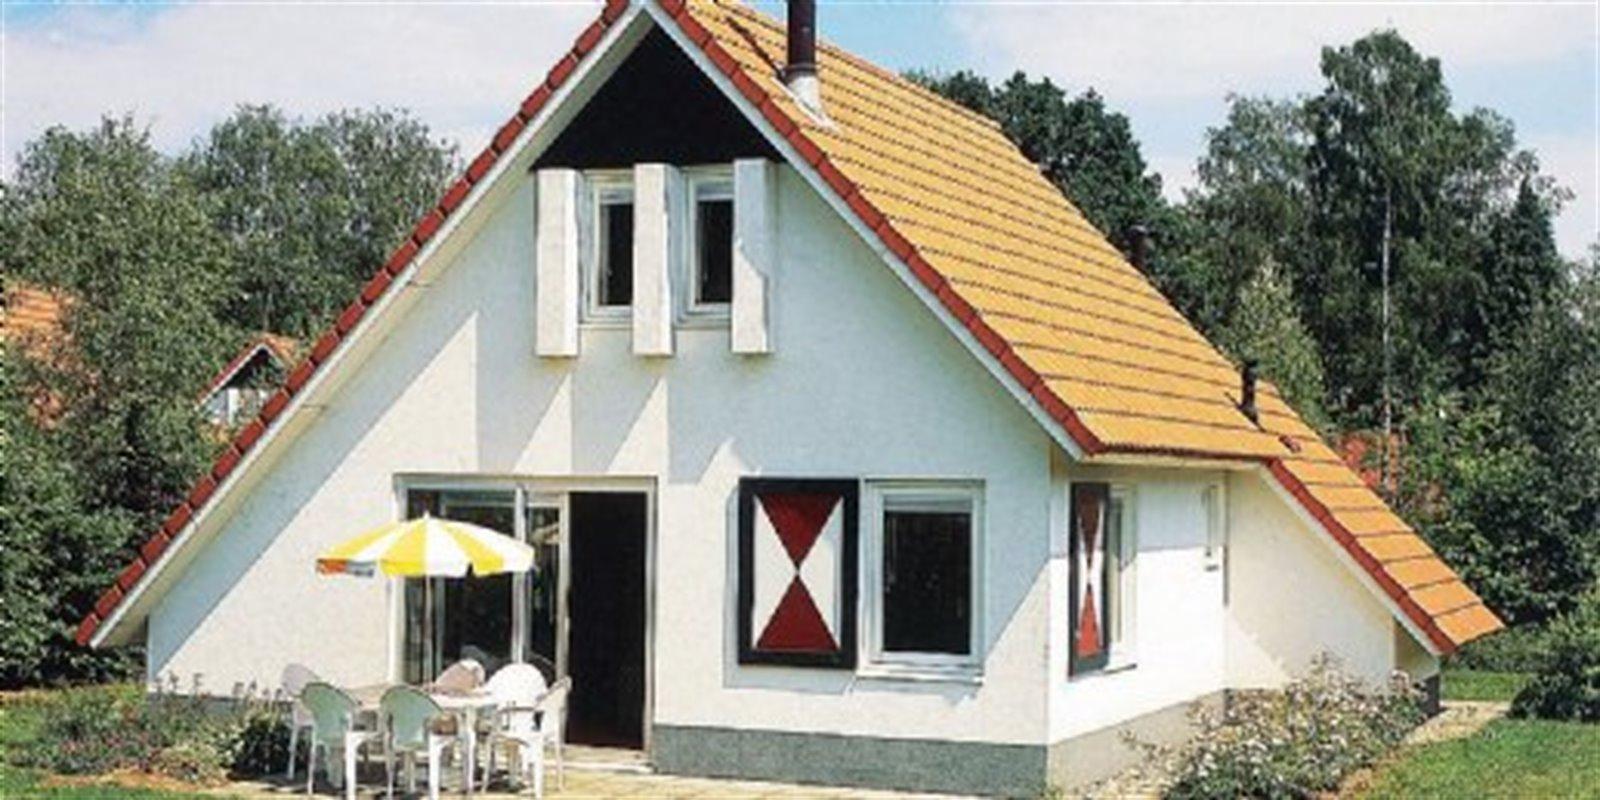 Landal Landgoed Aerwinkel   6-Pers.-Ferienhaus ...